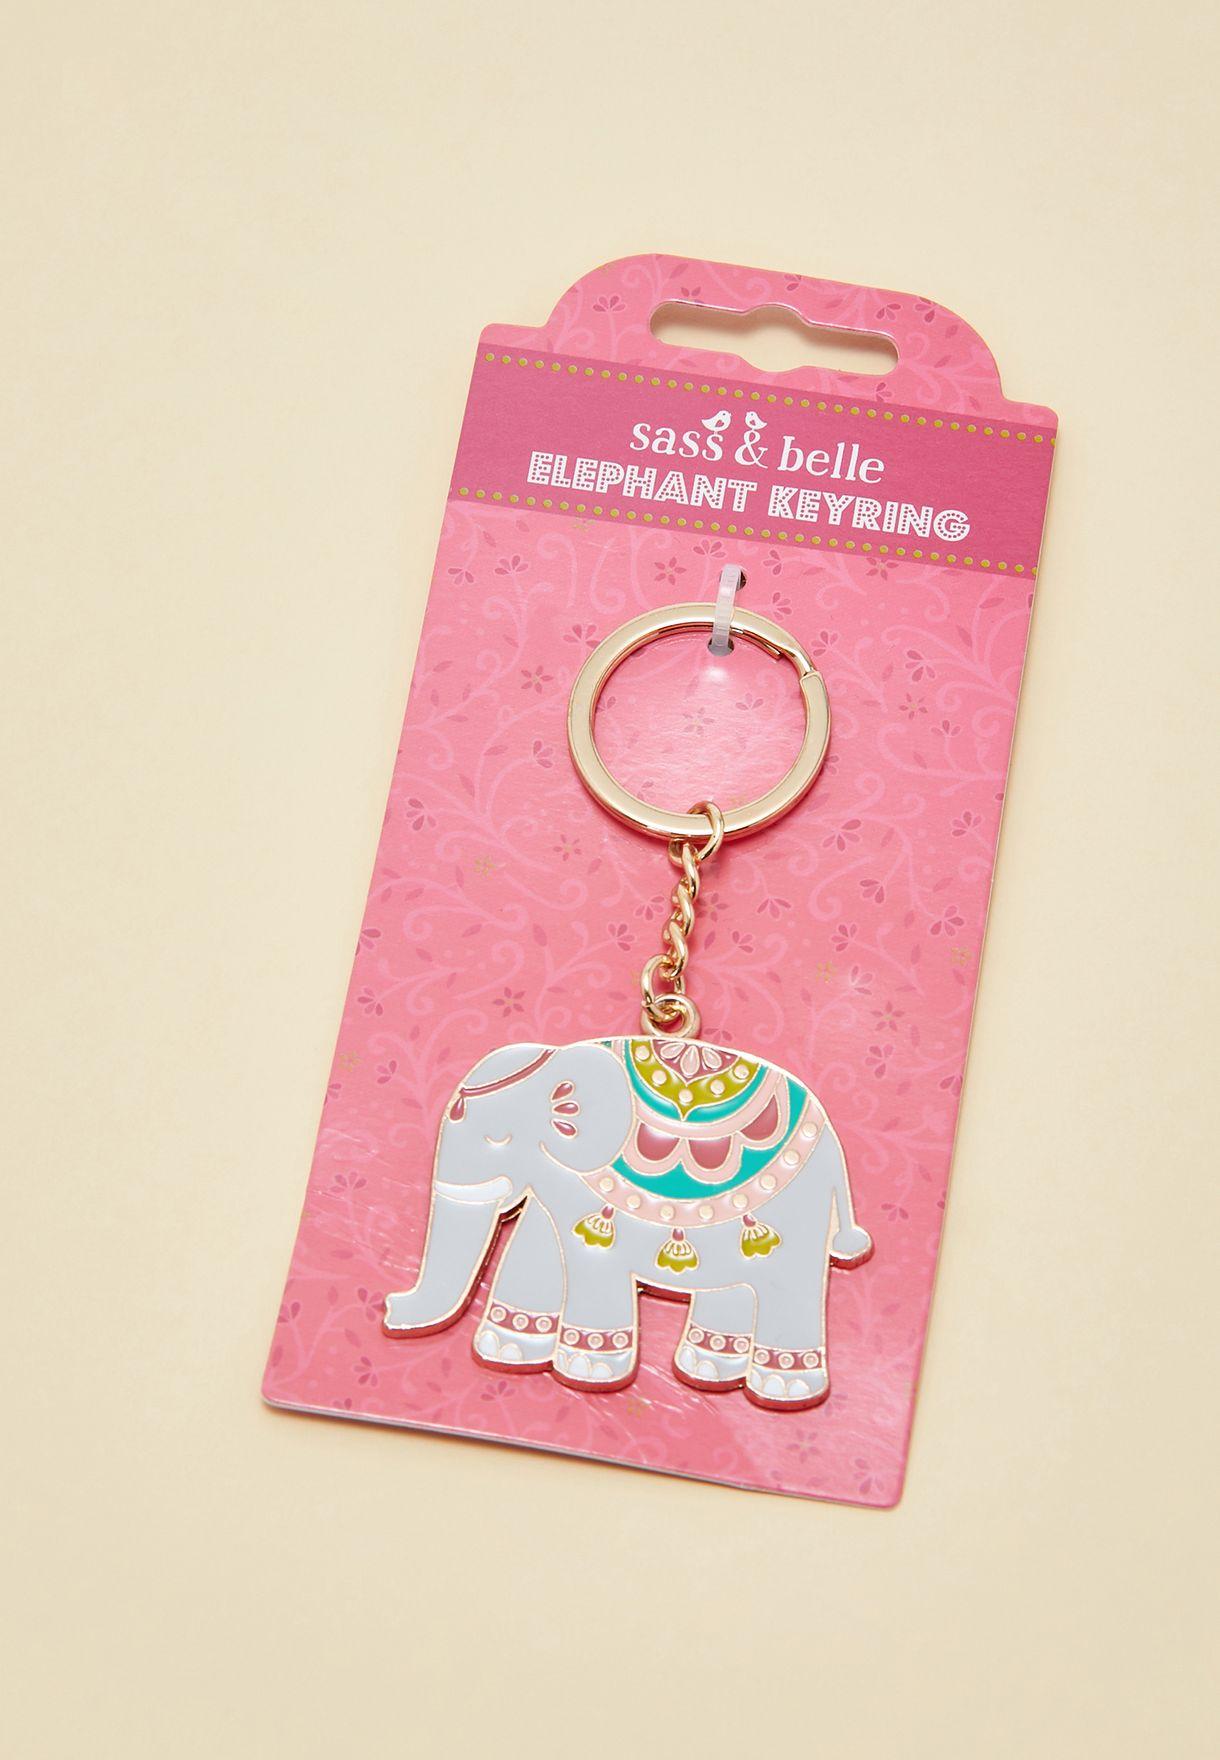 حلقة مفاتيح على شكل فيل